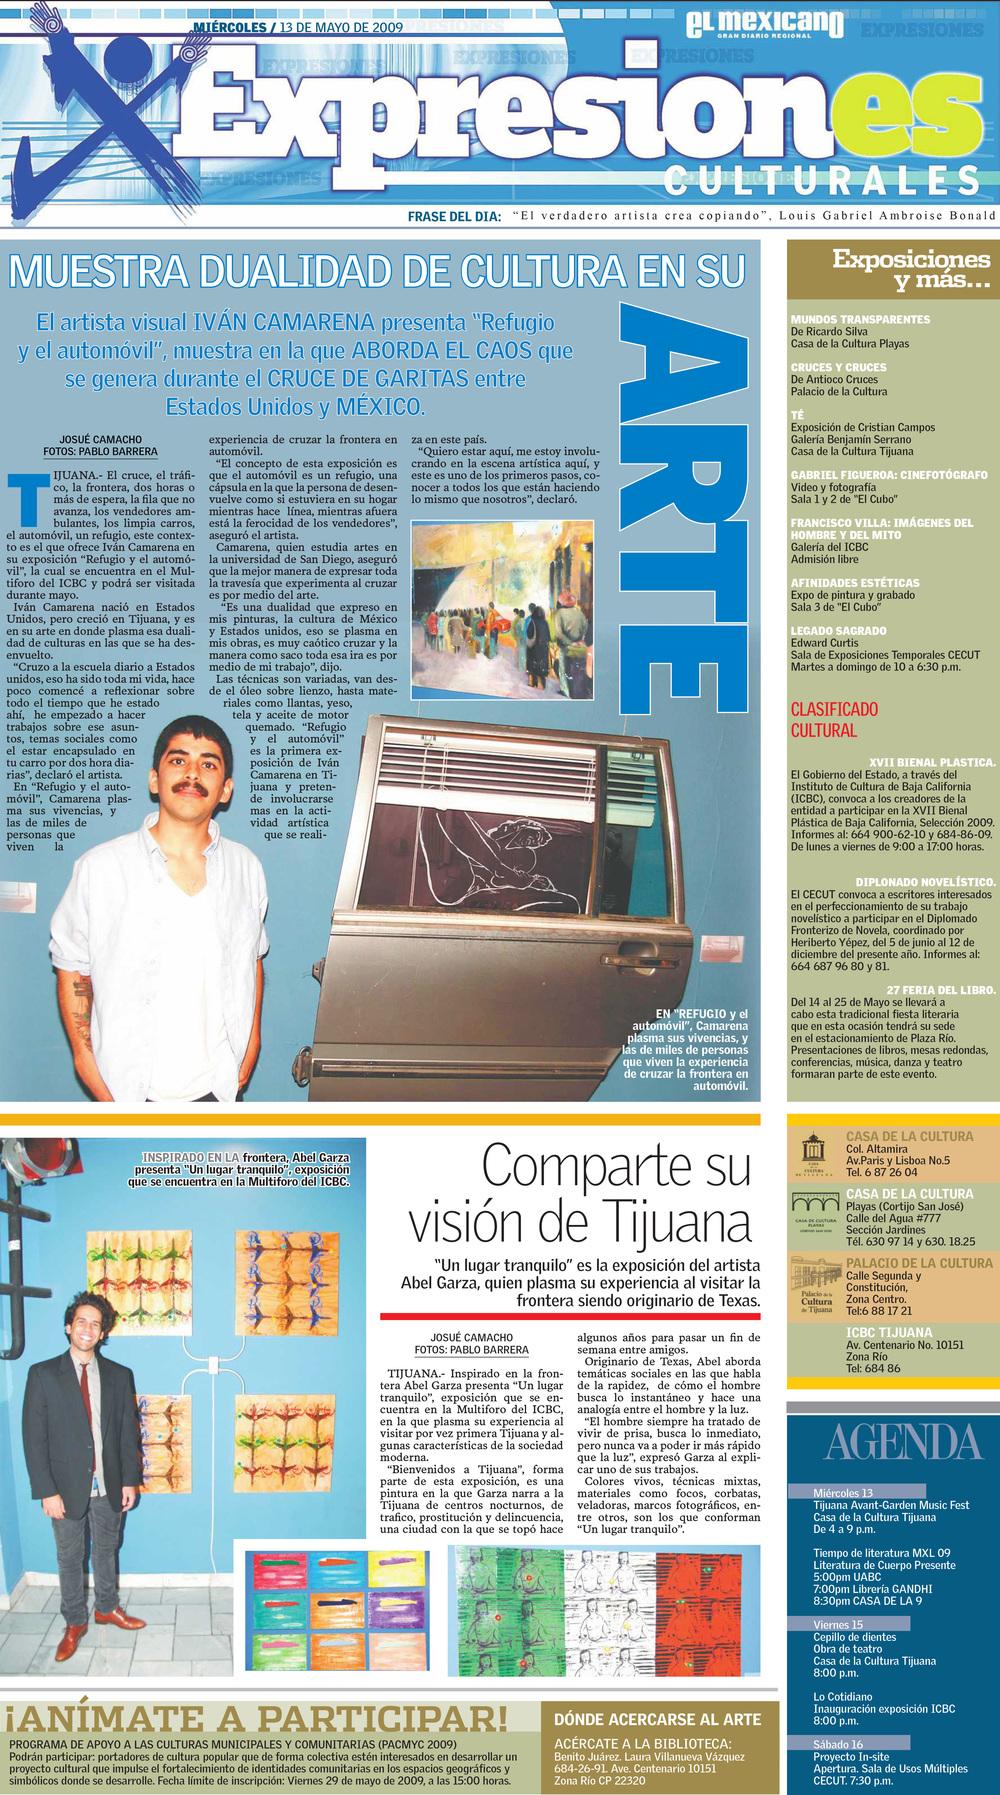 El Mexicano Gran Diario Regional Published in May of 2009